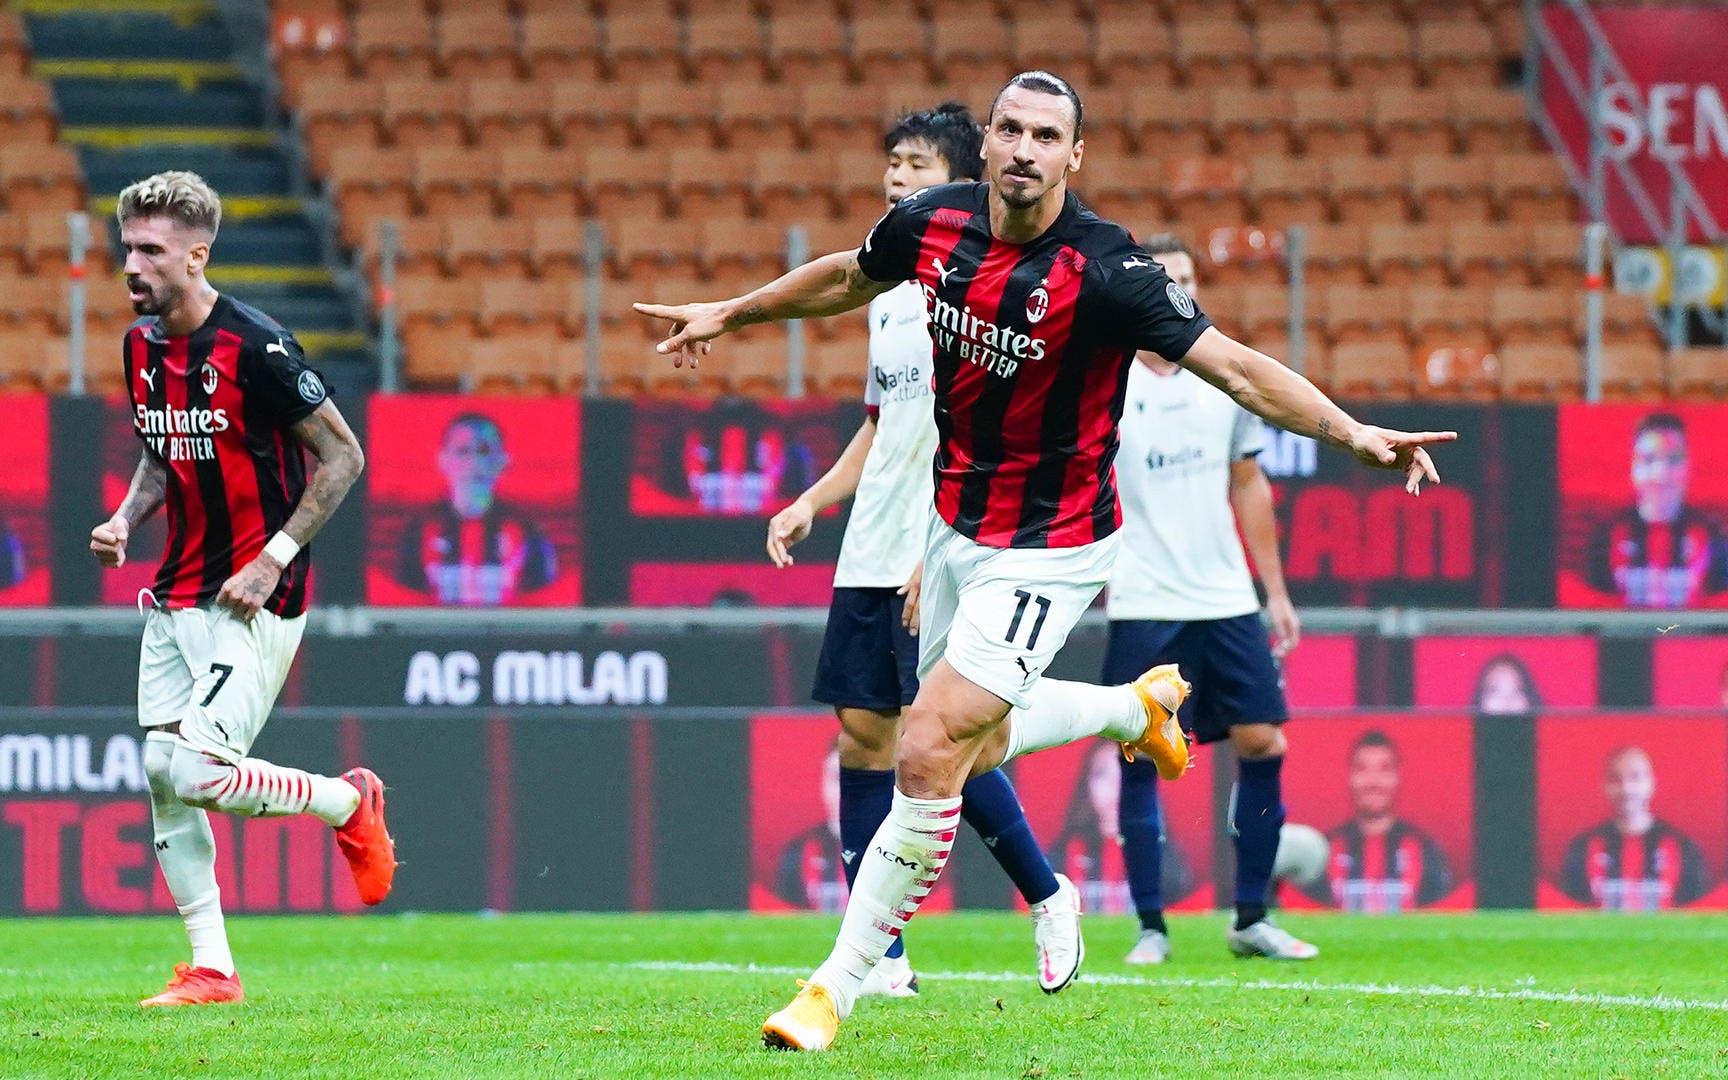 Прогноз на 19 октября 2021. Порту - Милан